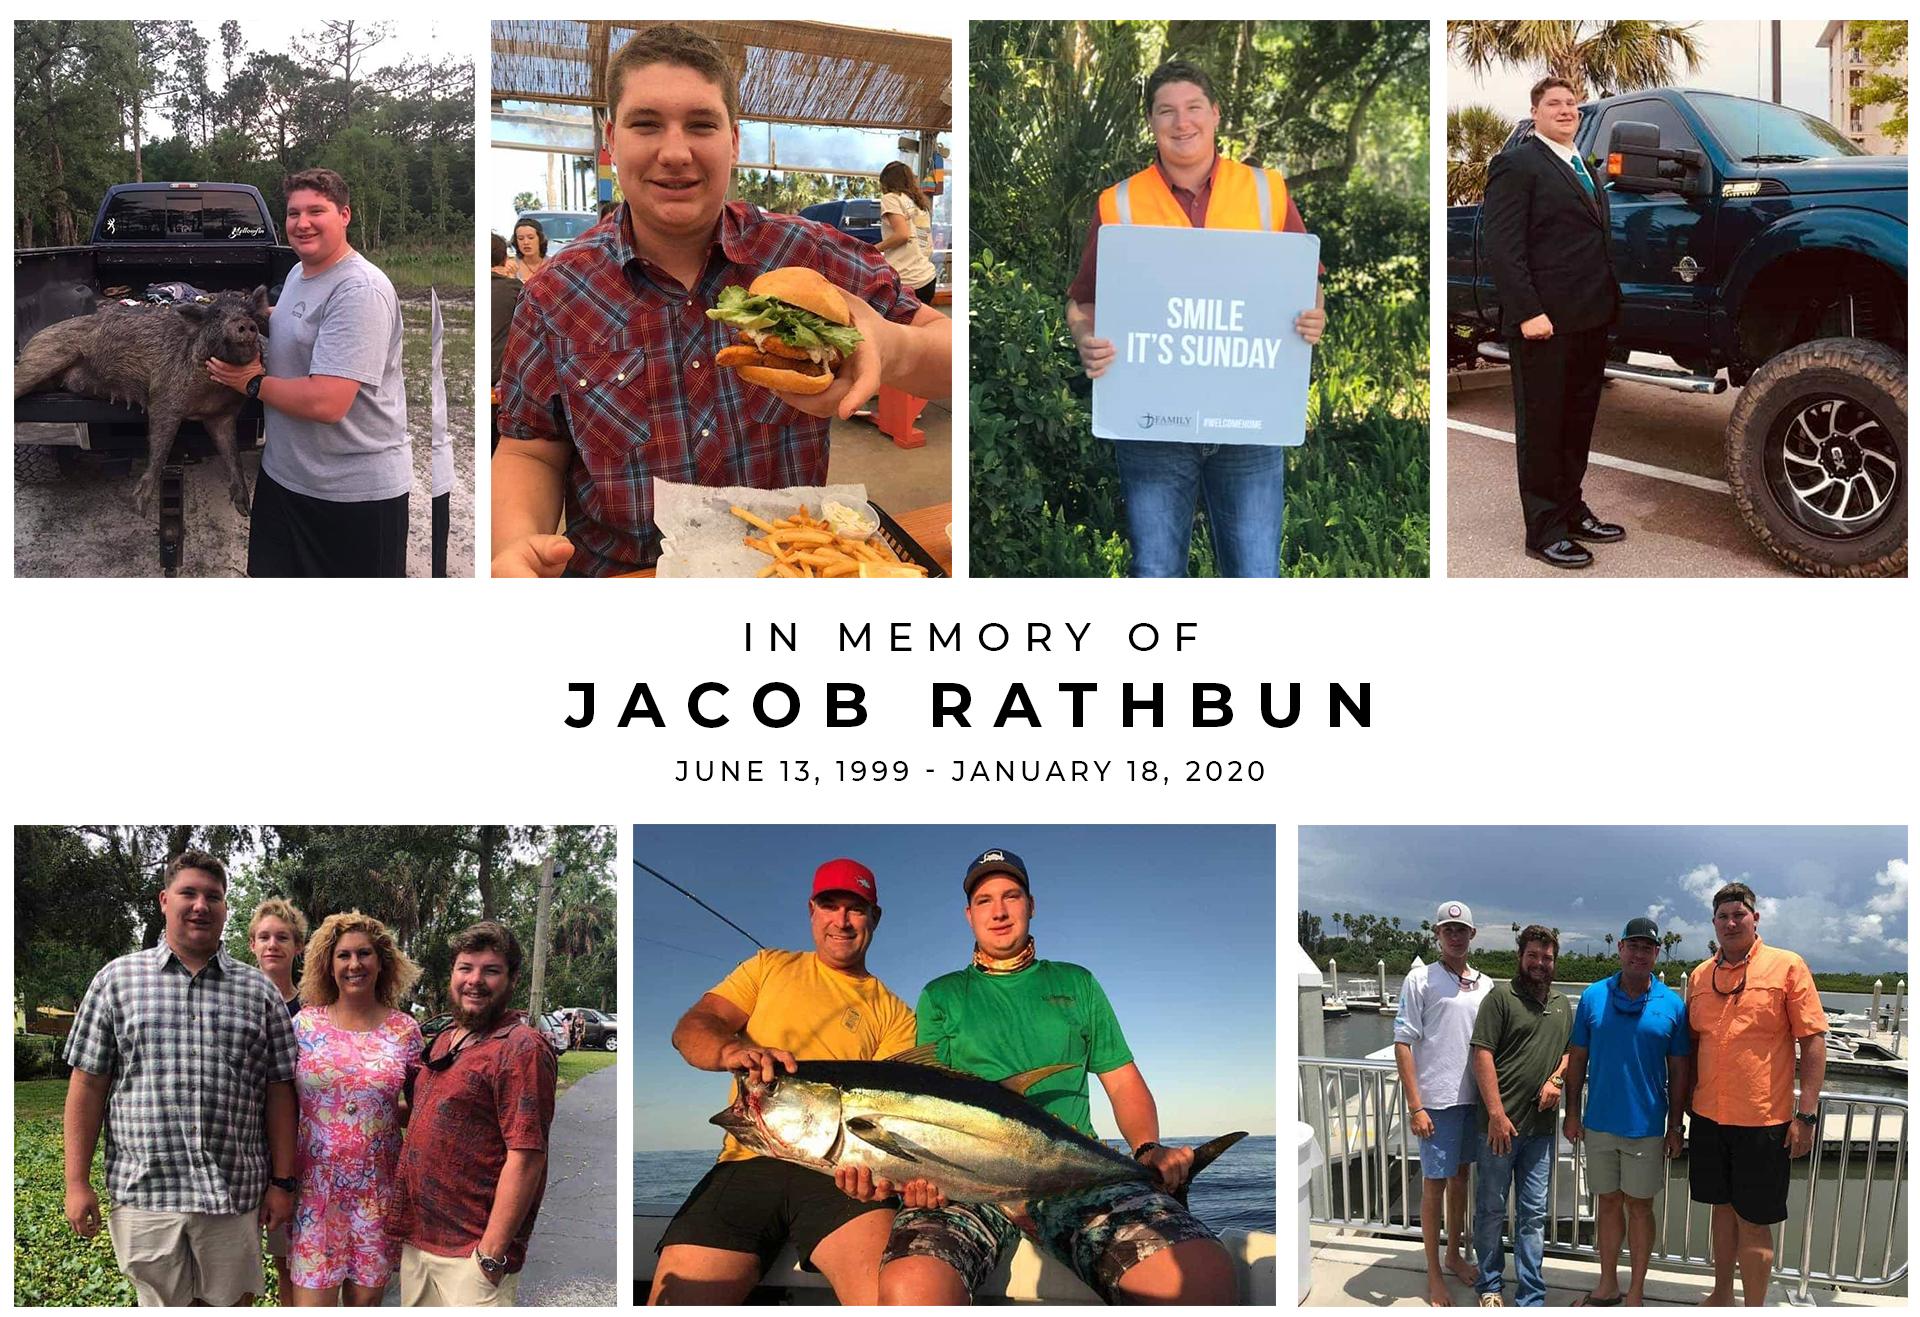 Jacob Rathbun, Jacob, Rathbun, Rathbun Family